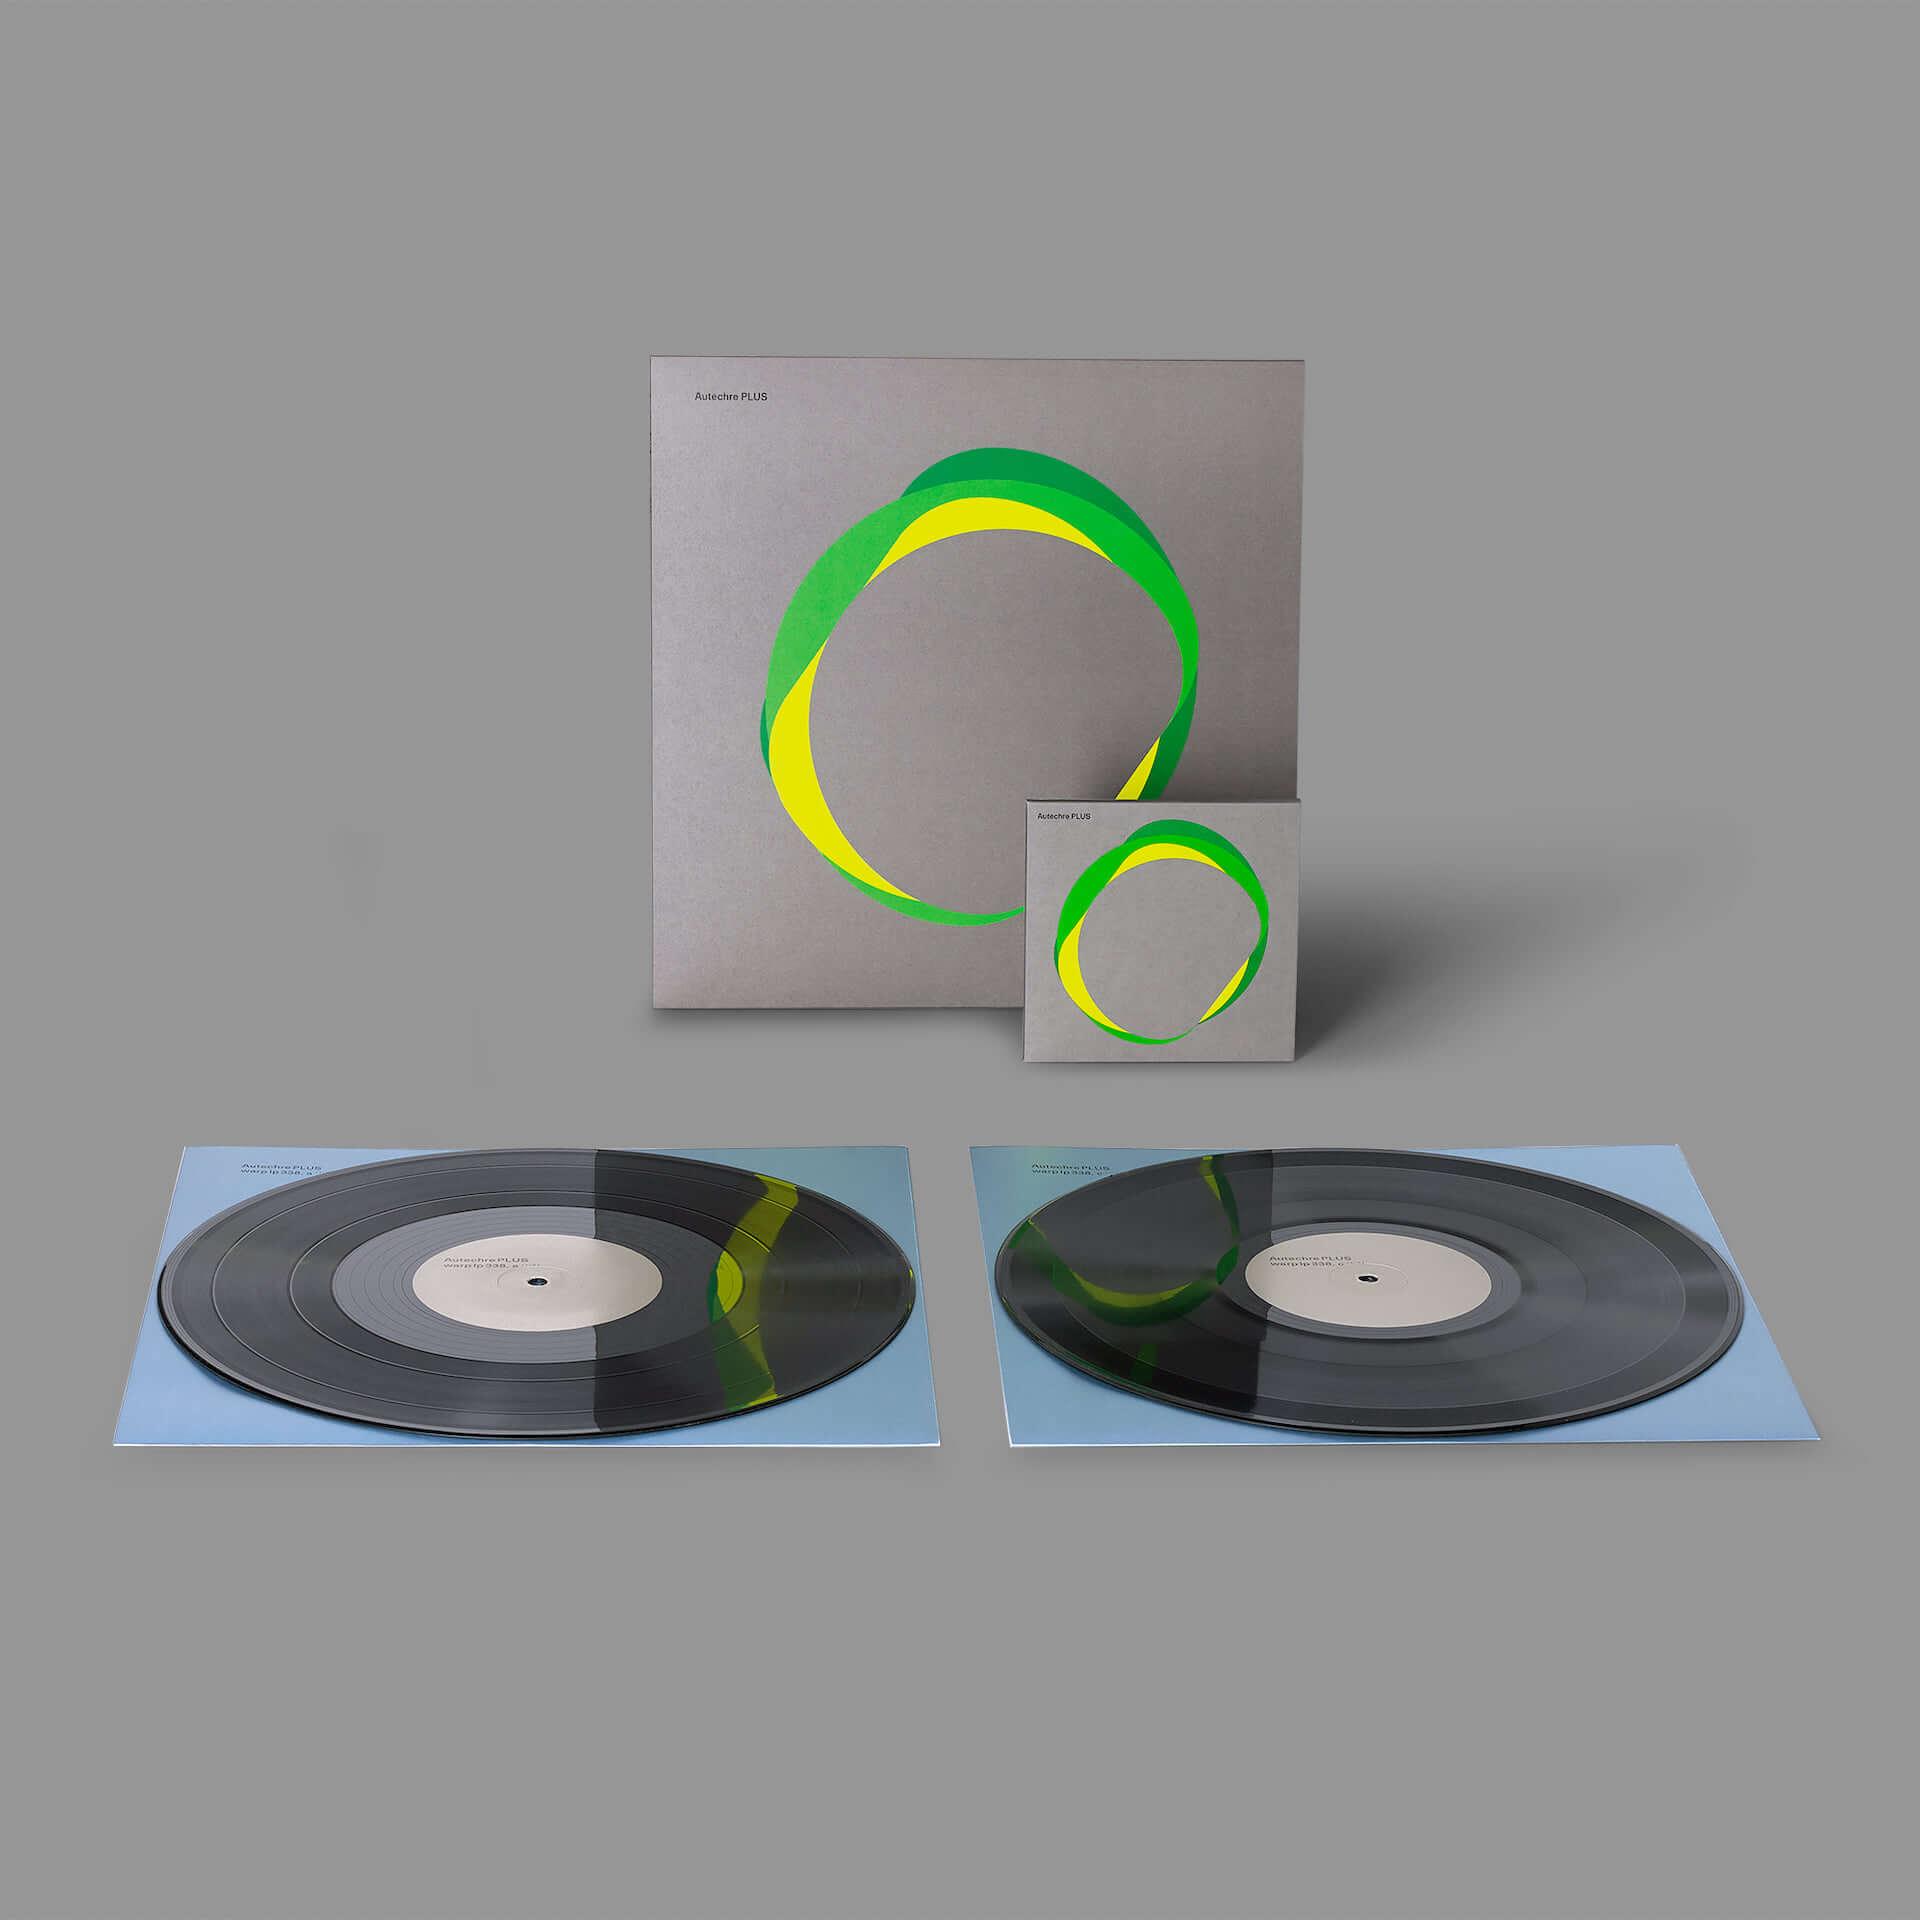 Autechreが『SIGN』に続く新アルバム『PLUS』を突如発表!ロングスリーブTシャツセット、パーカーも発売決定 music201029_autechre_2-1920x1920